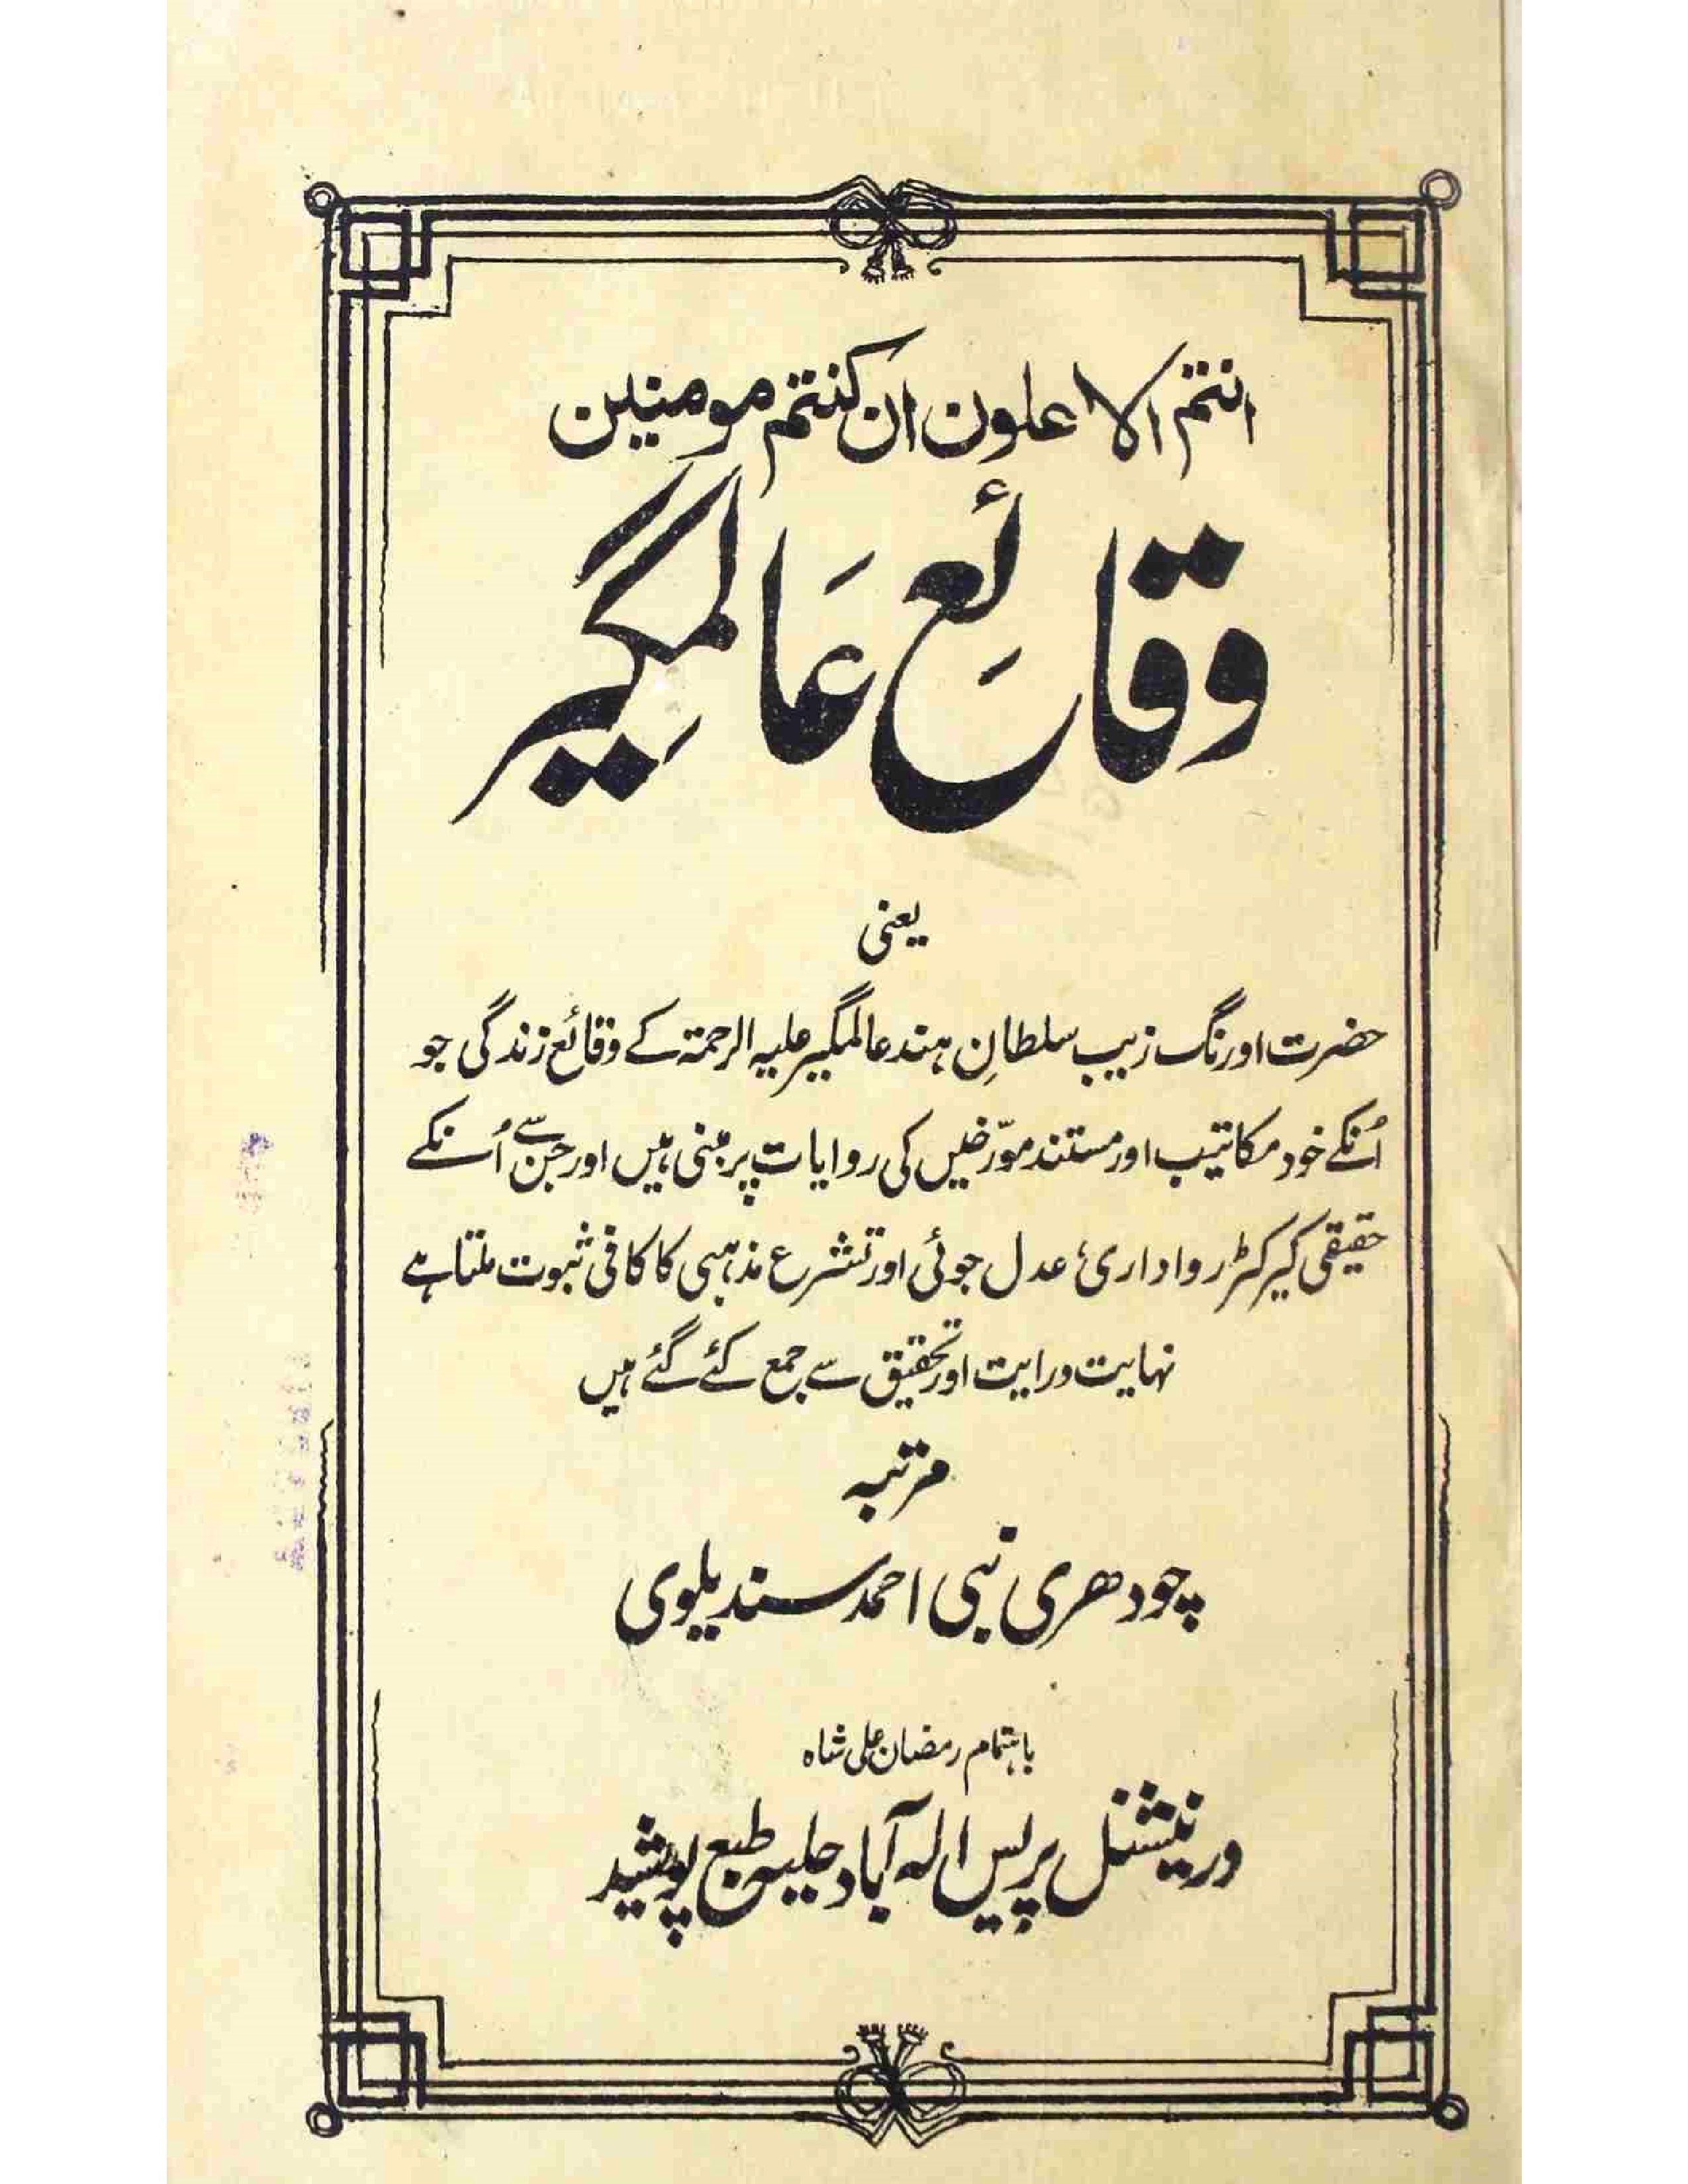 Waqa-e-Aalamgeer